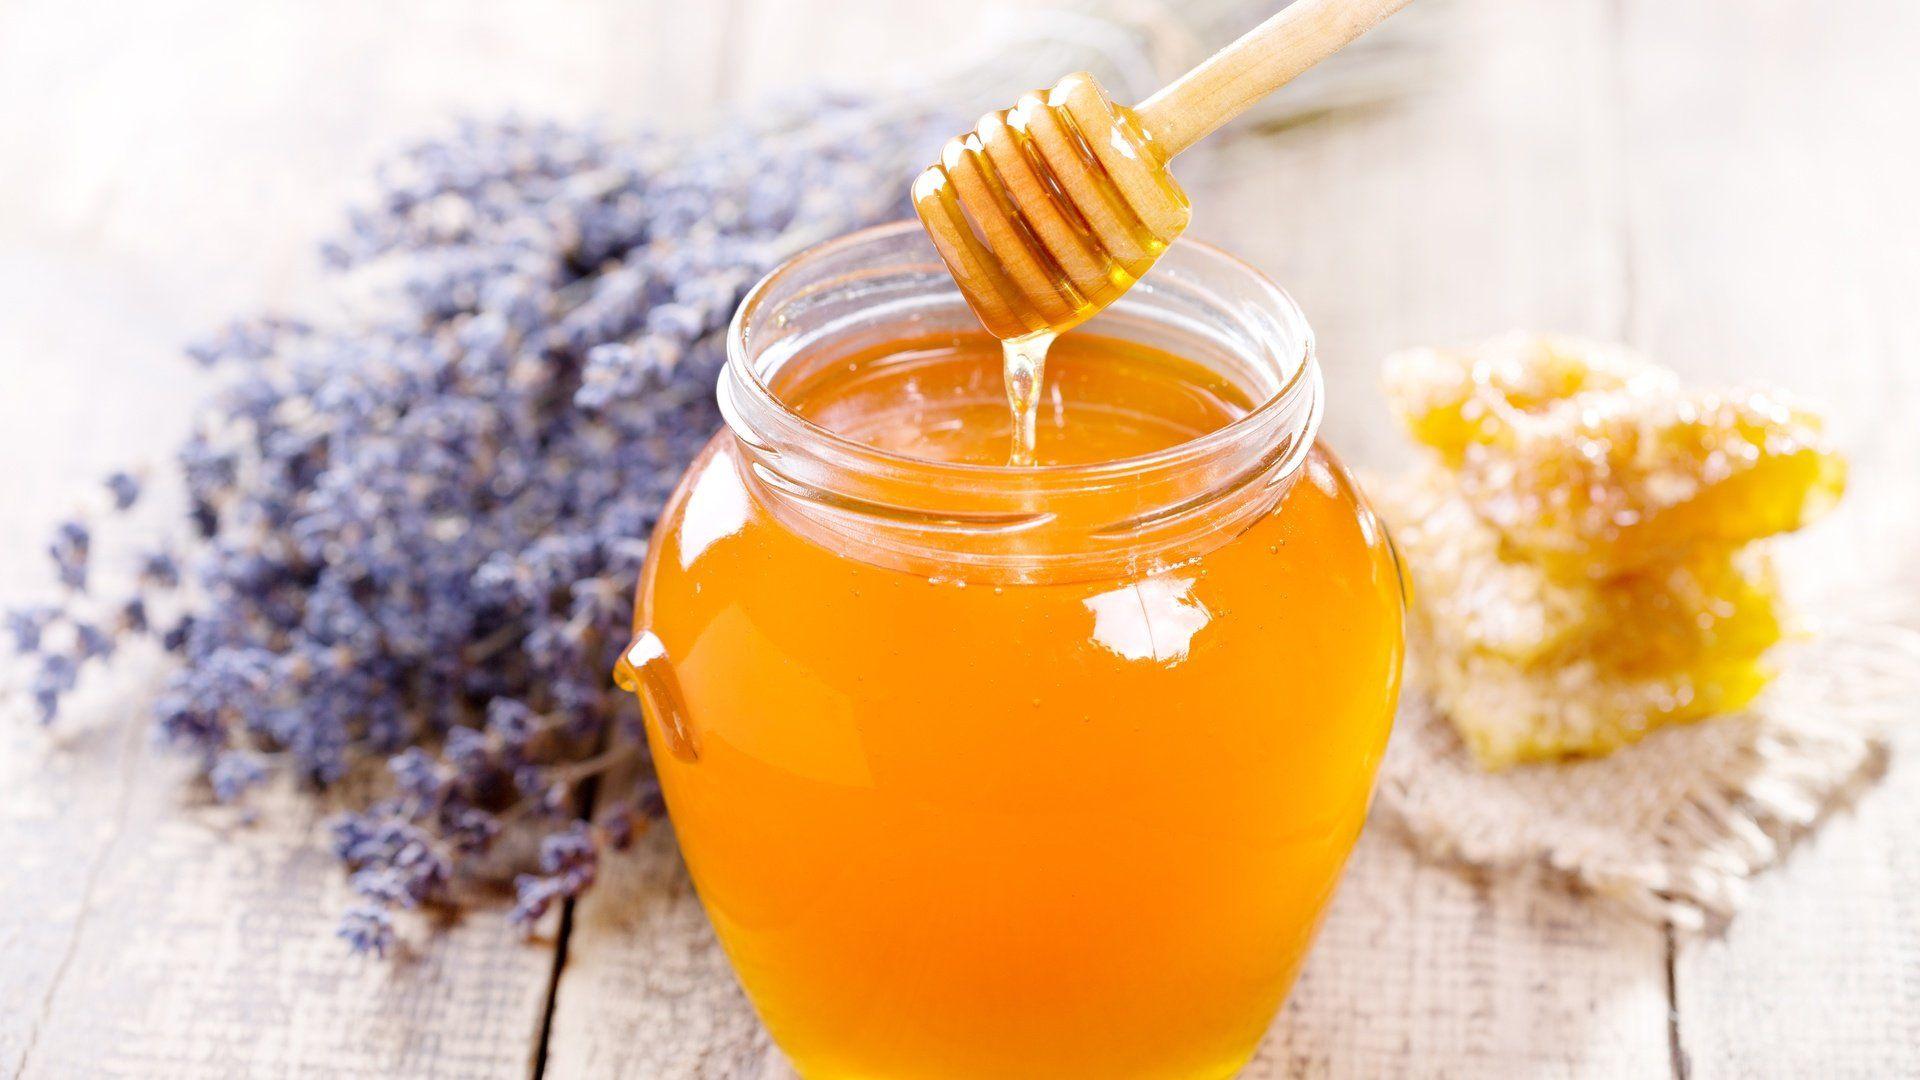 Honey full hd wallpaper for laptop